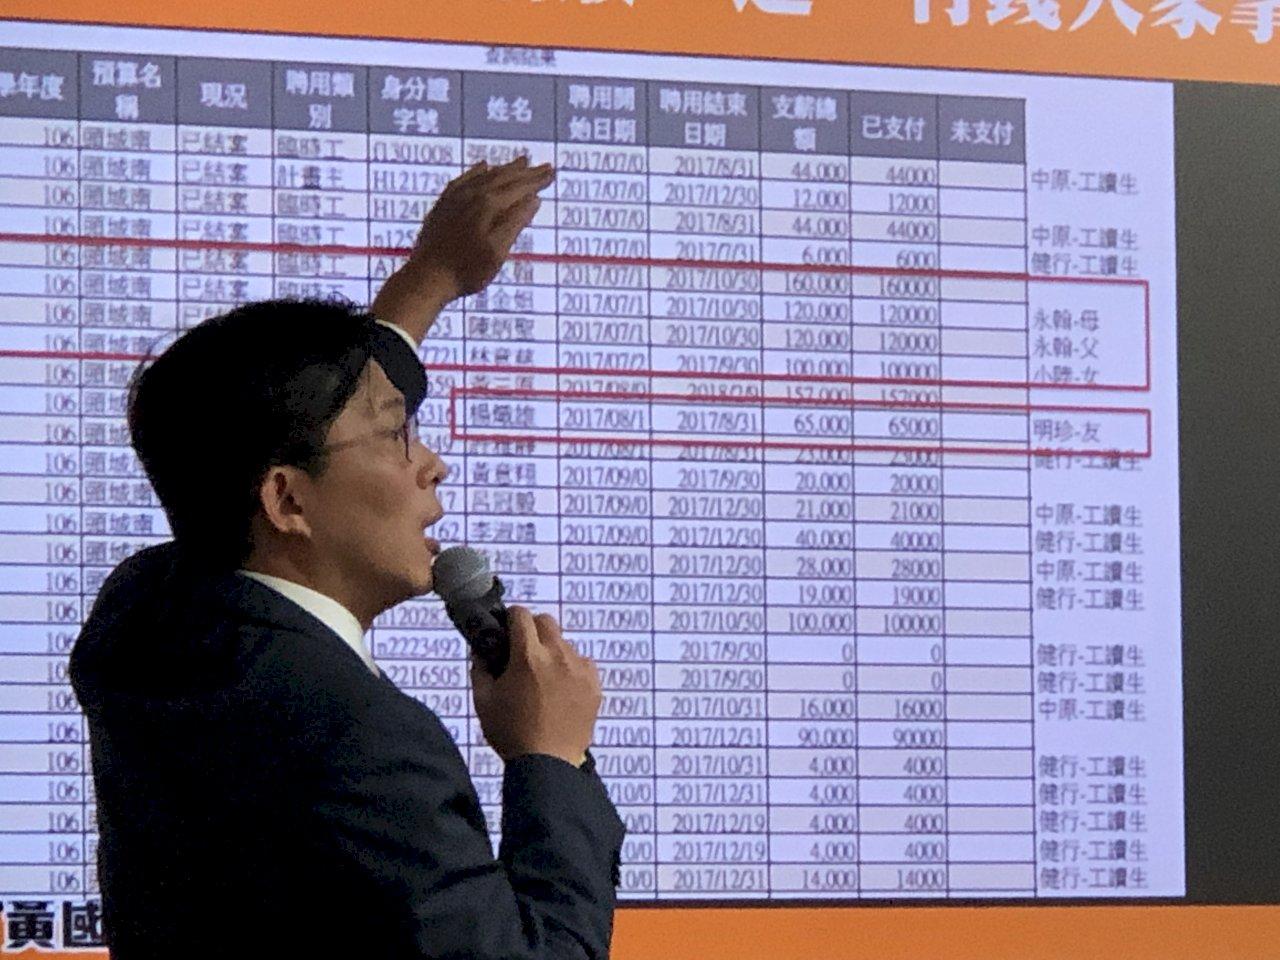 黃國昌再追陳明正弊案 檢測團隊竟無橋檢資格